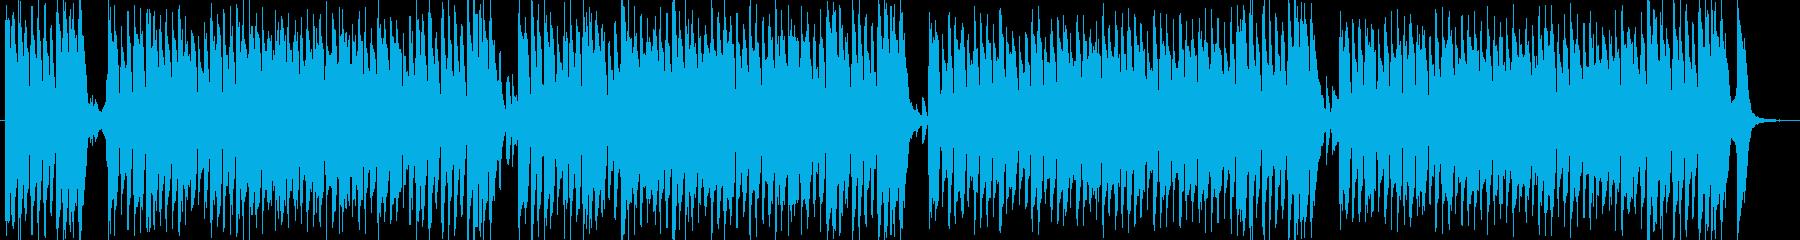 ディキシーランド ラグタイム アク...の再生済みの波形